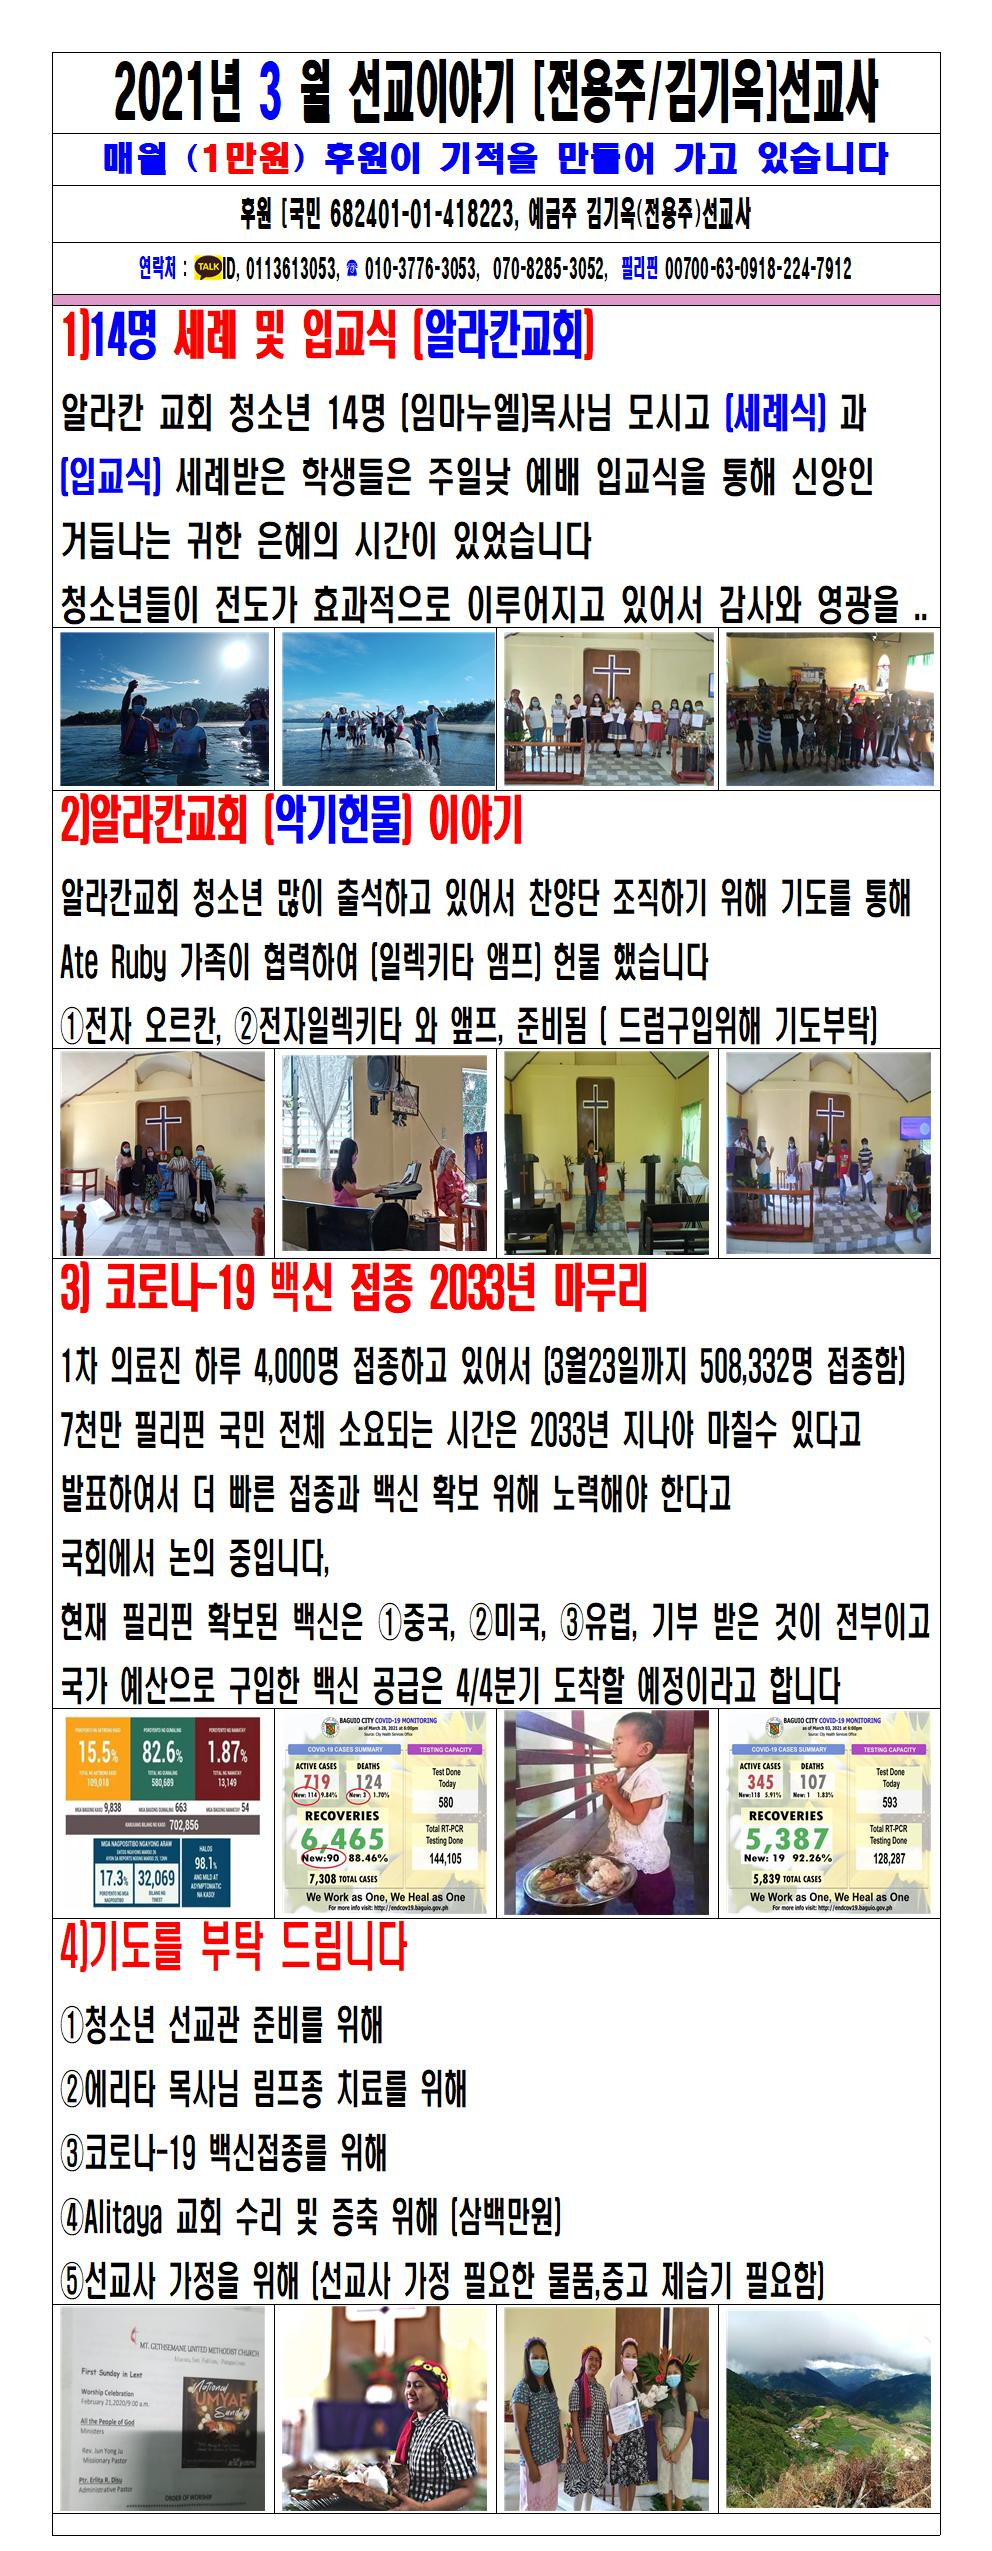 2021년 3월 선교소식 이야기 원본사진001.jpg